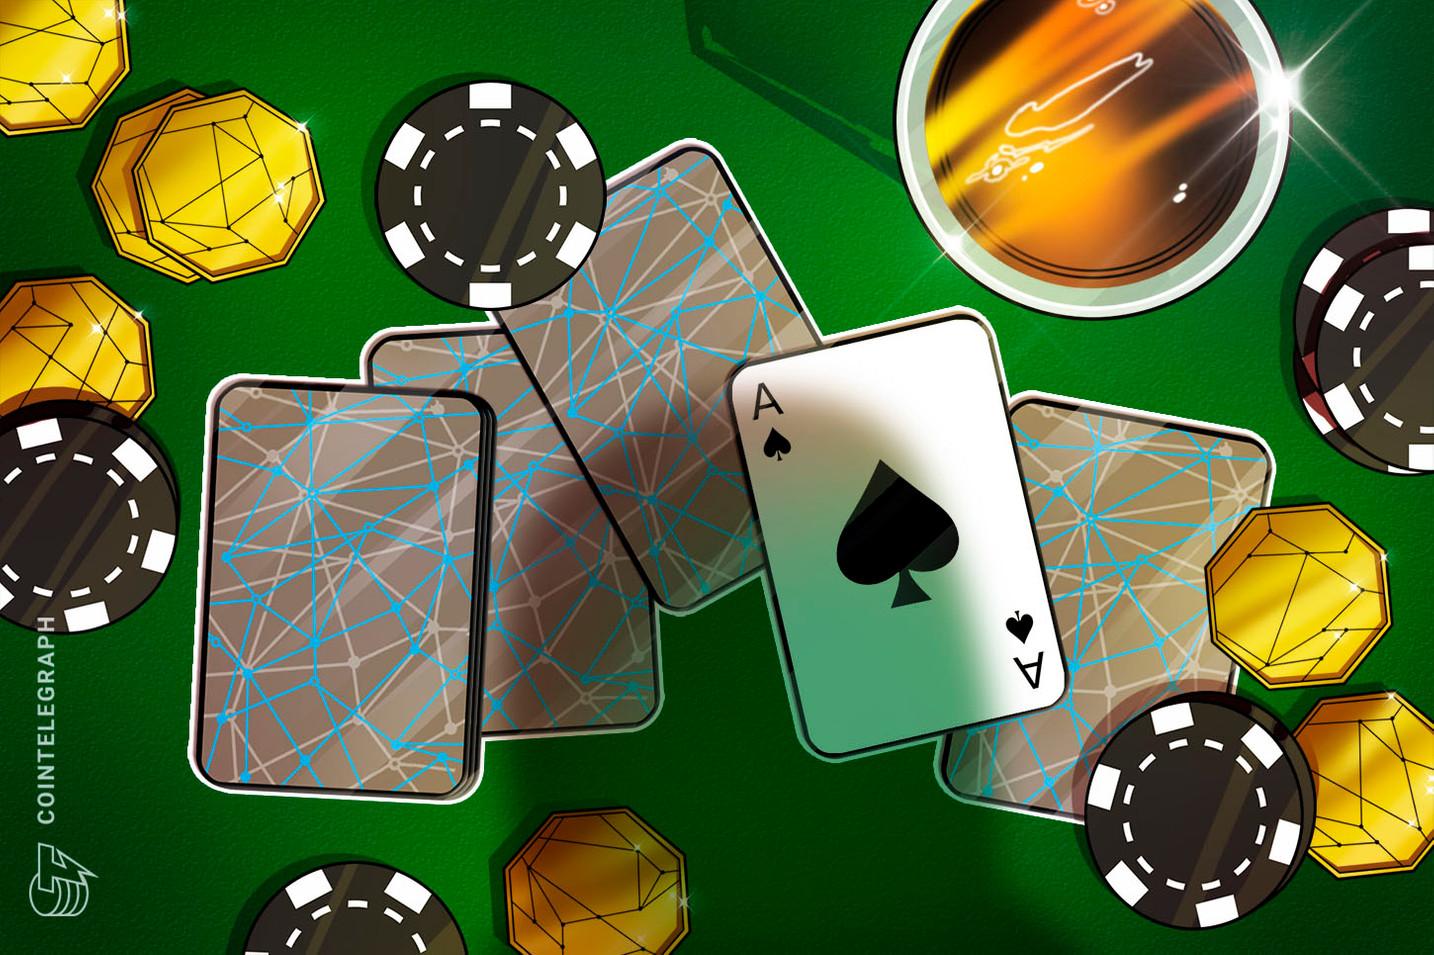 イーサリアム基盤のポーカープラットフォームが500万ドルの資金調達成功、コンセンシスなどが支援